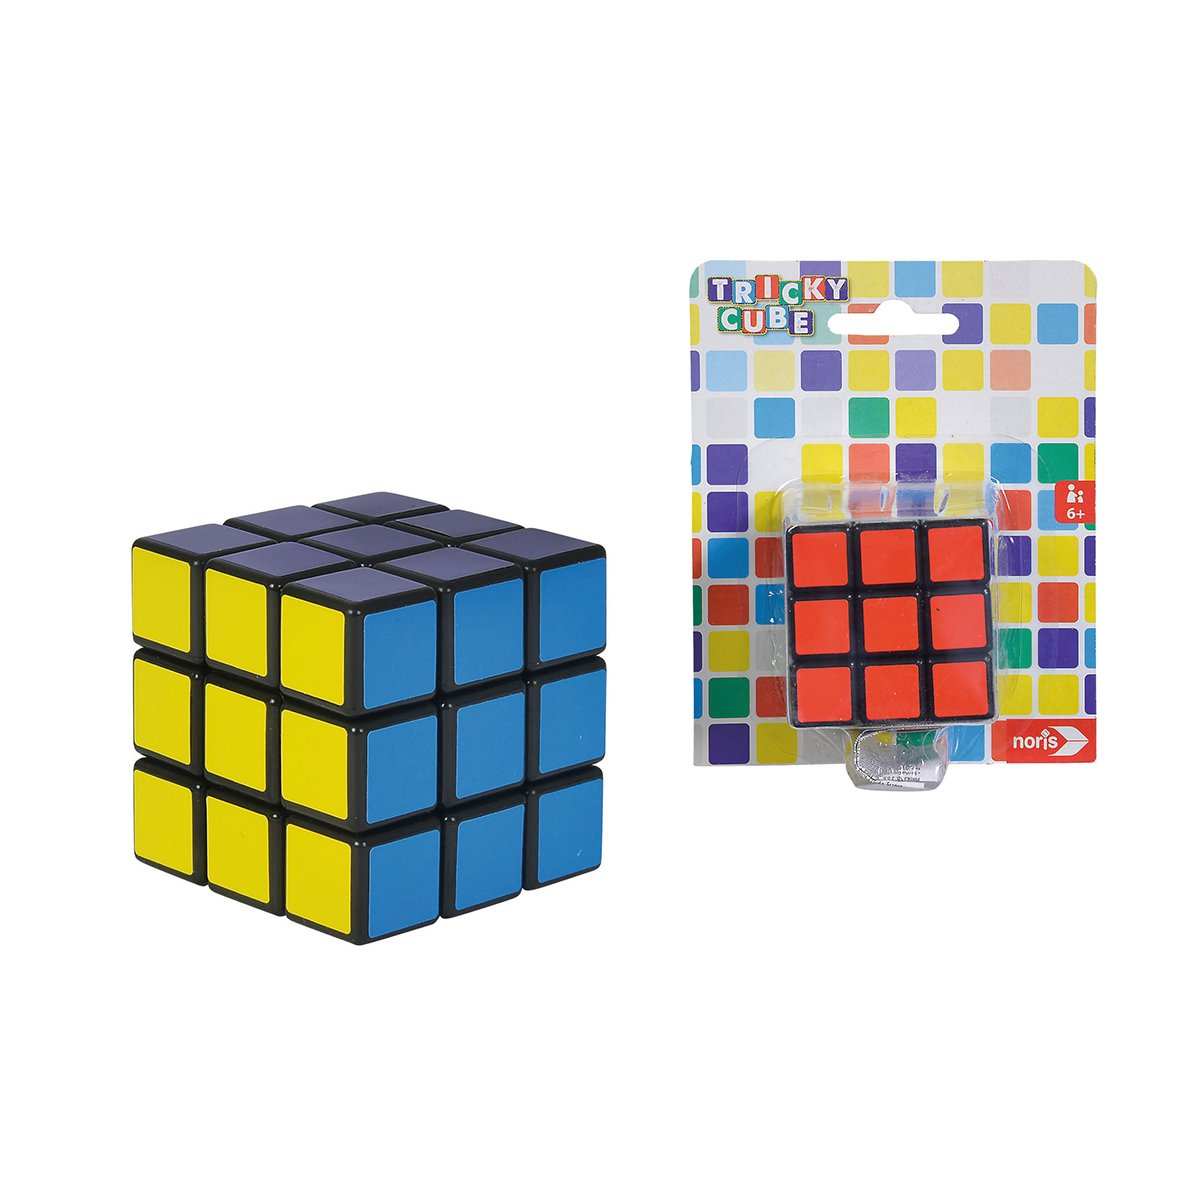 Cub Rubik Simba, Magic Cub, 5.5 cm